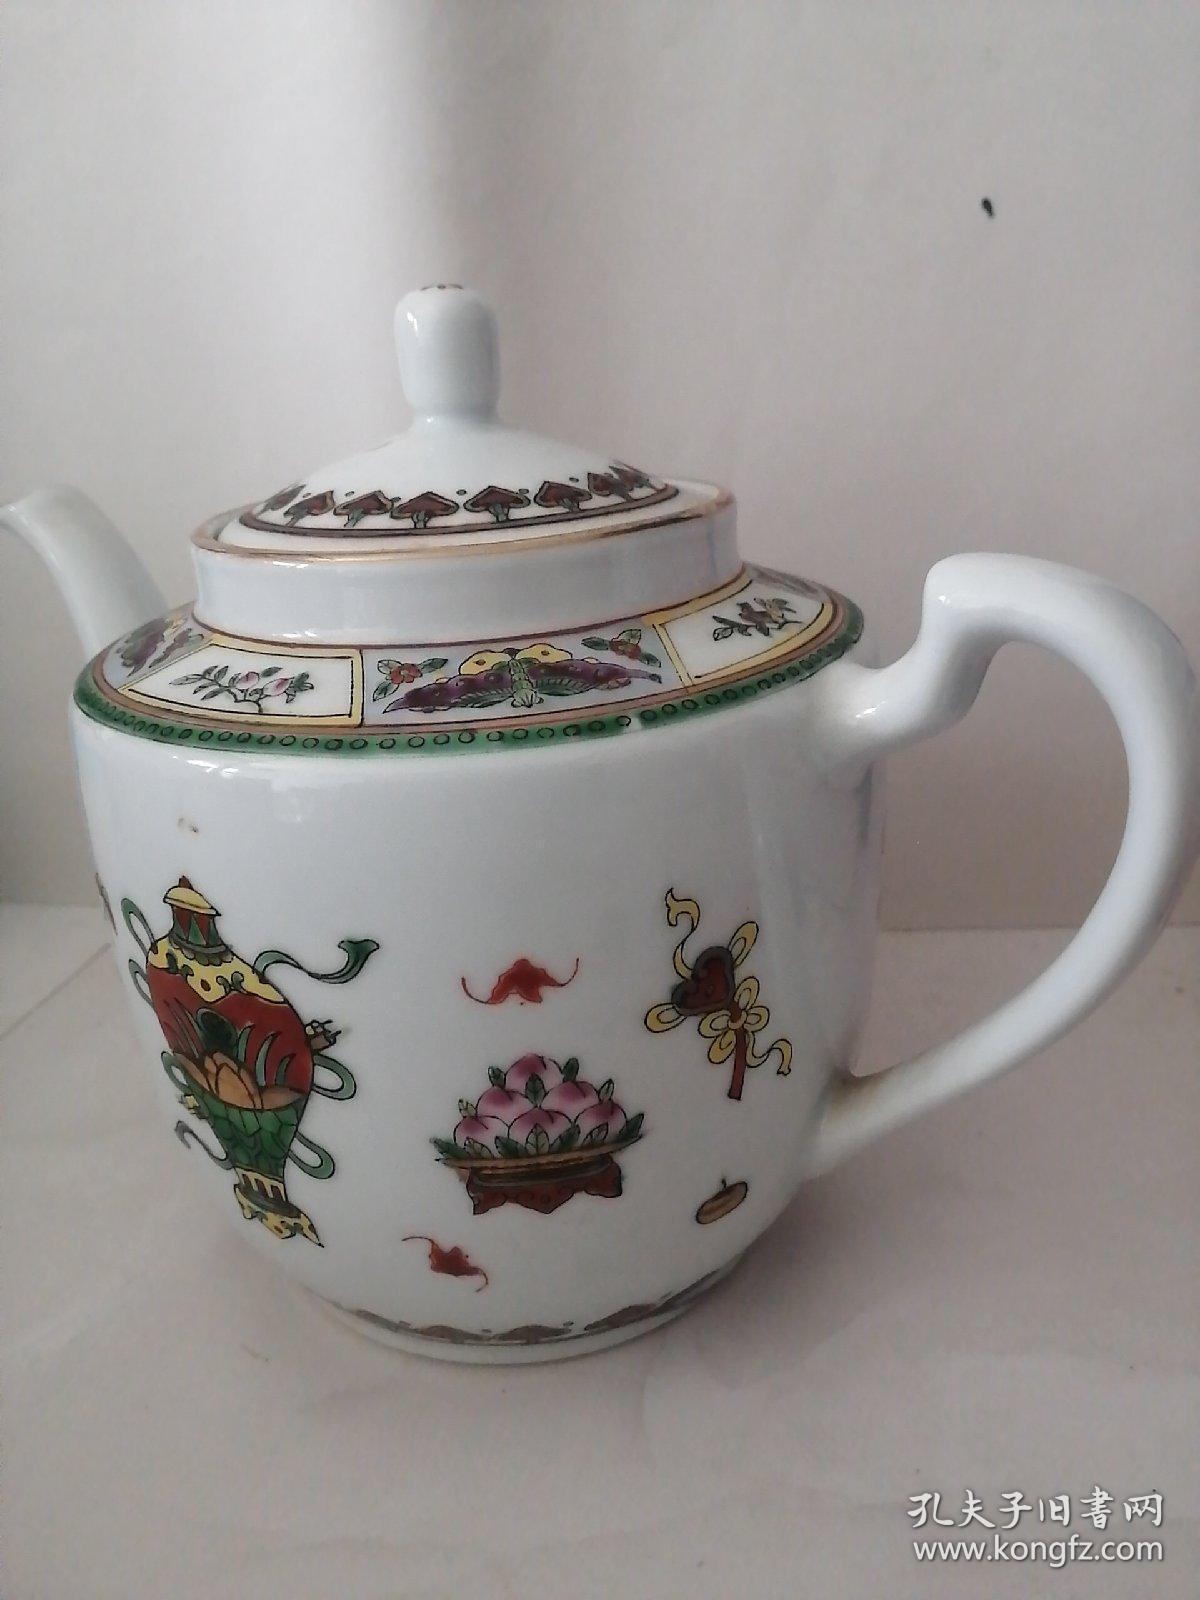 中国景德镇镶嵌描金茶壶